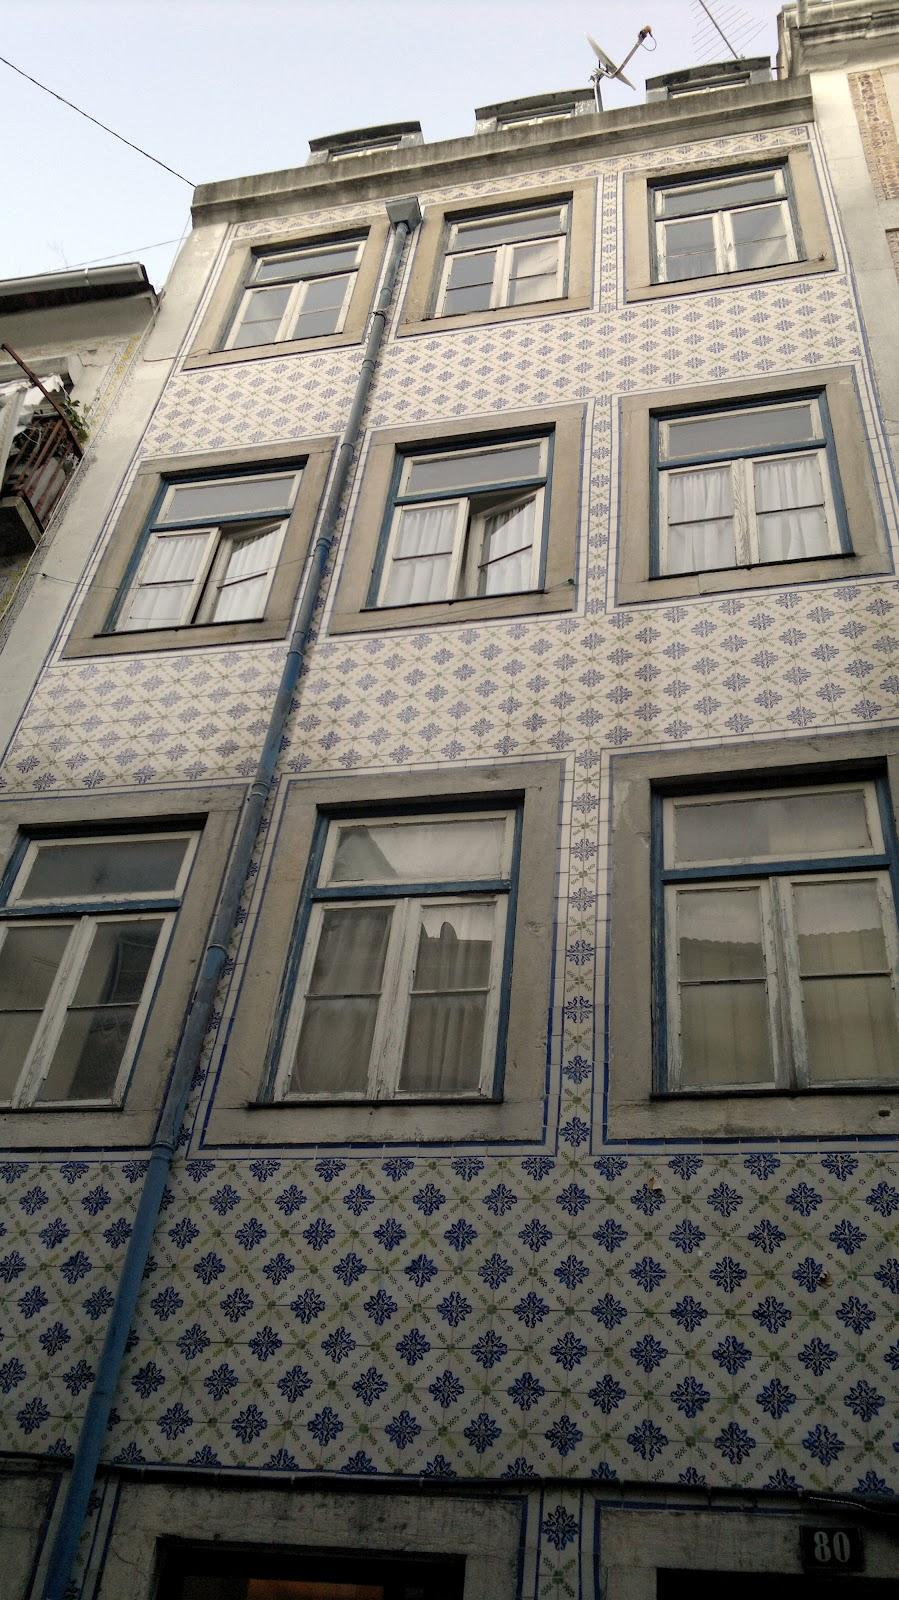 Archi tetti azulejos antichi parte 1 - Decorazione archi in casa ...